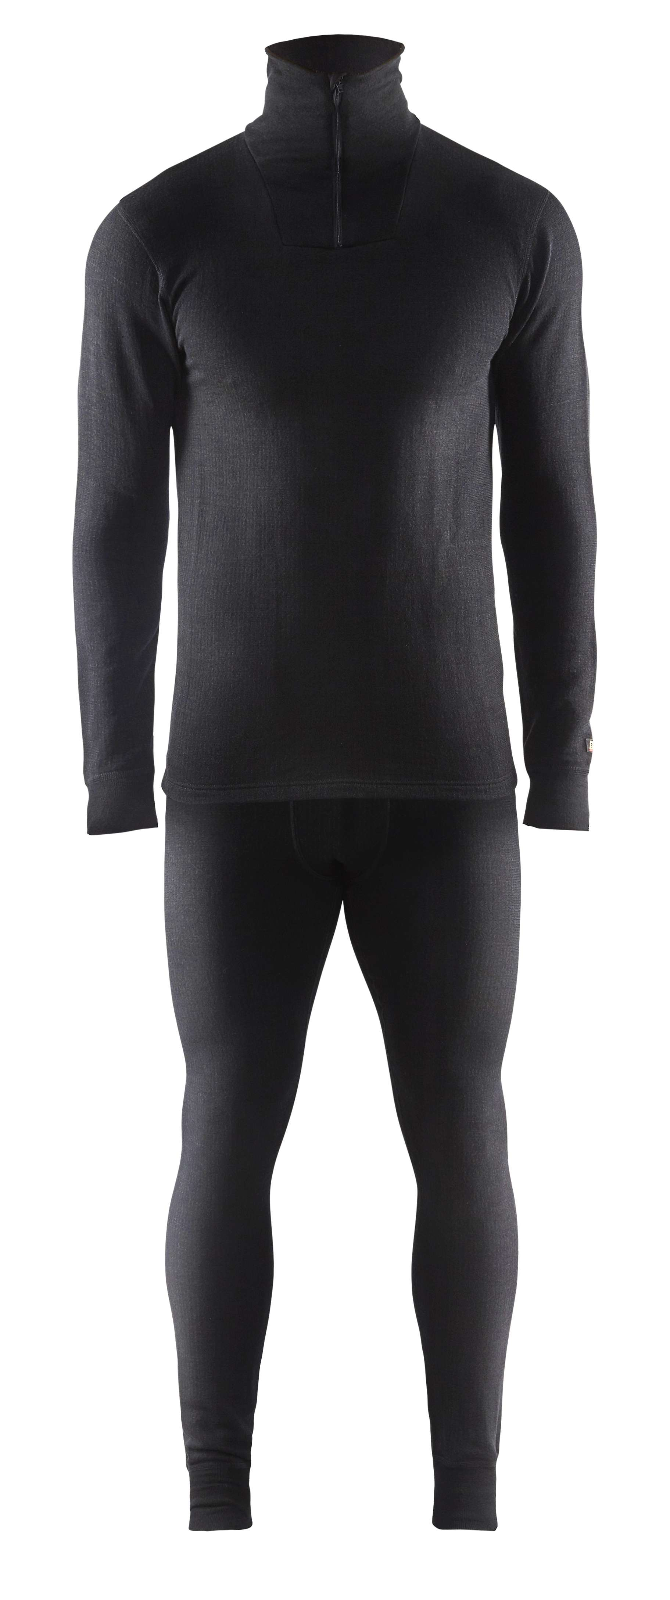 Blaklader Ondershirts 48941706 zwart(9900)